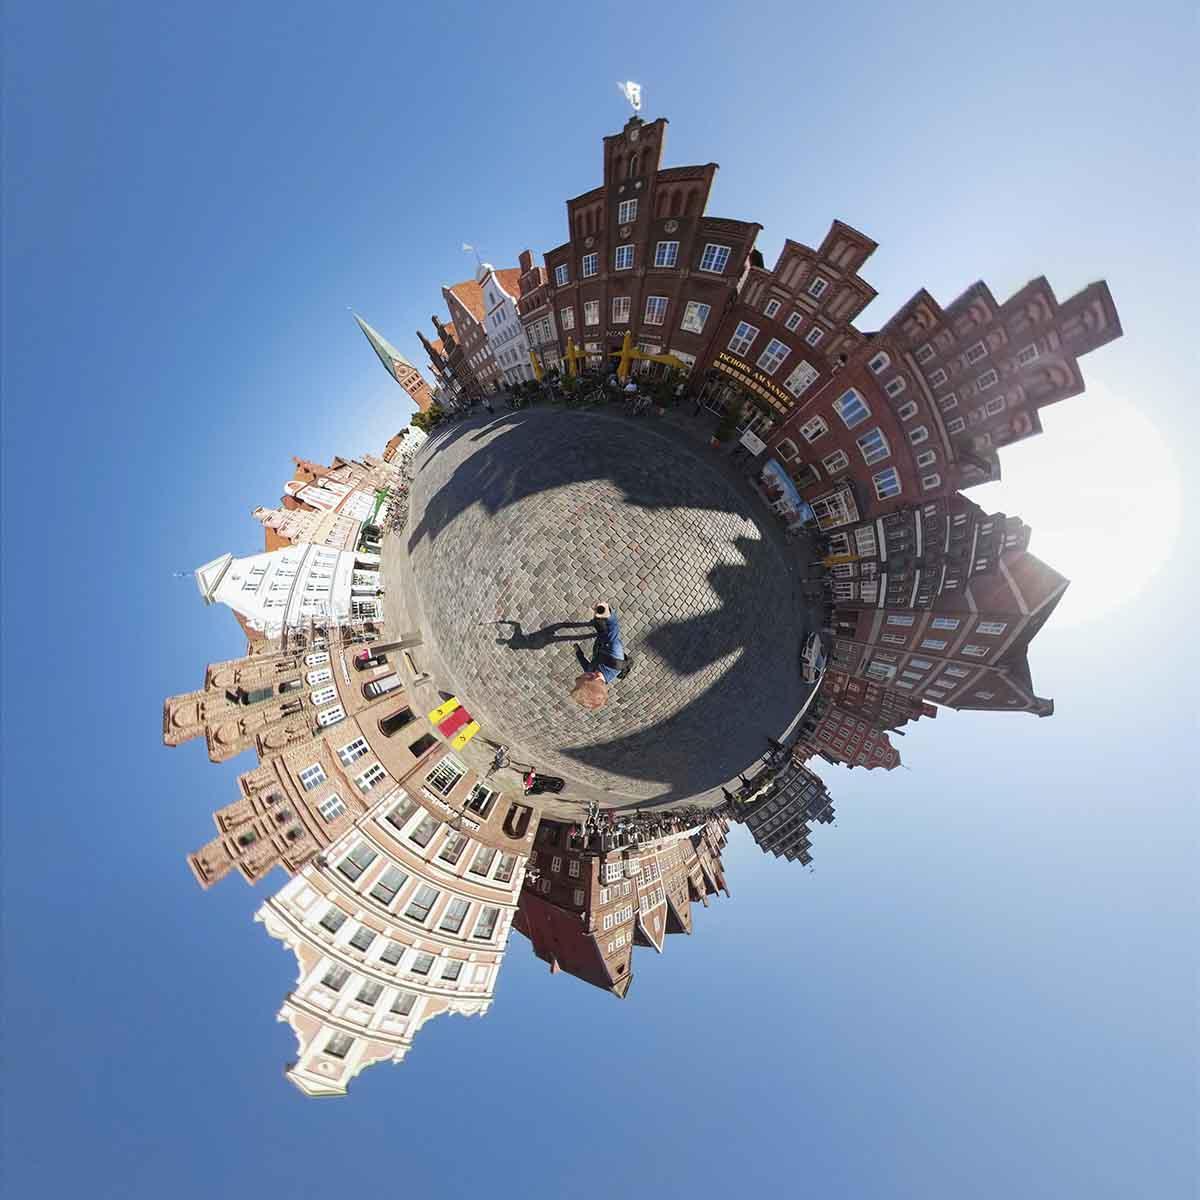 GoPro MAXで撮影した360度動画のイメージ